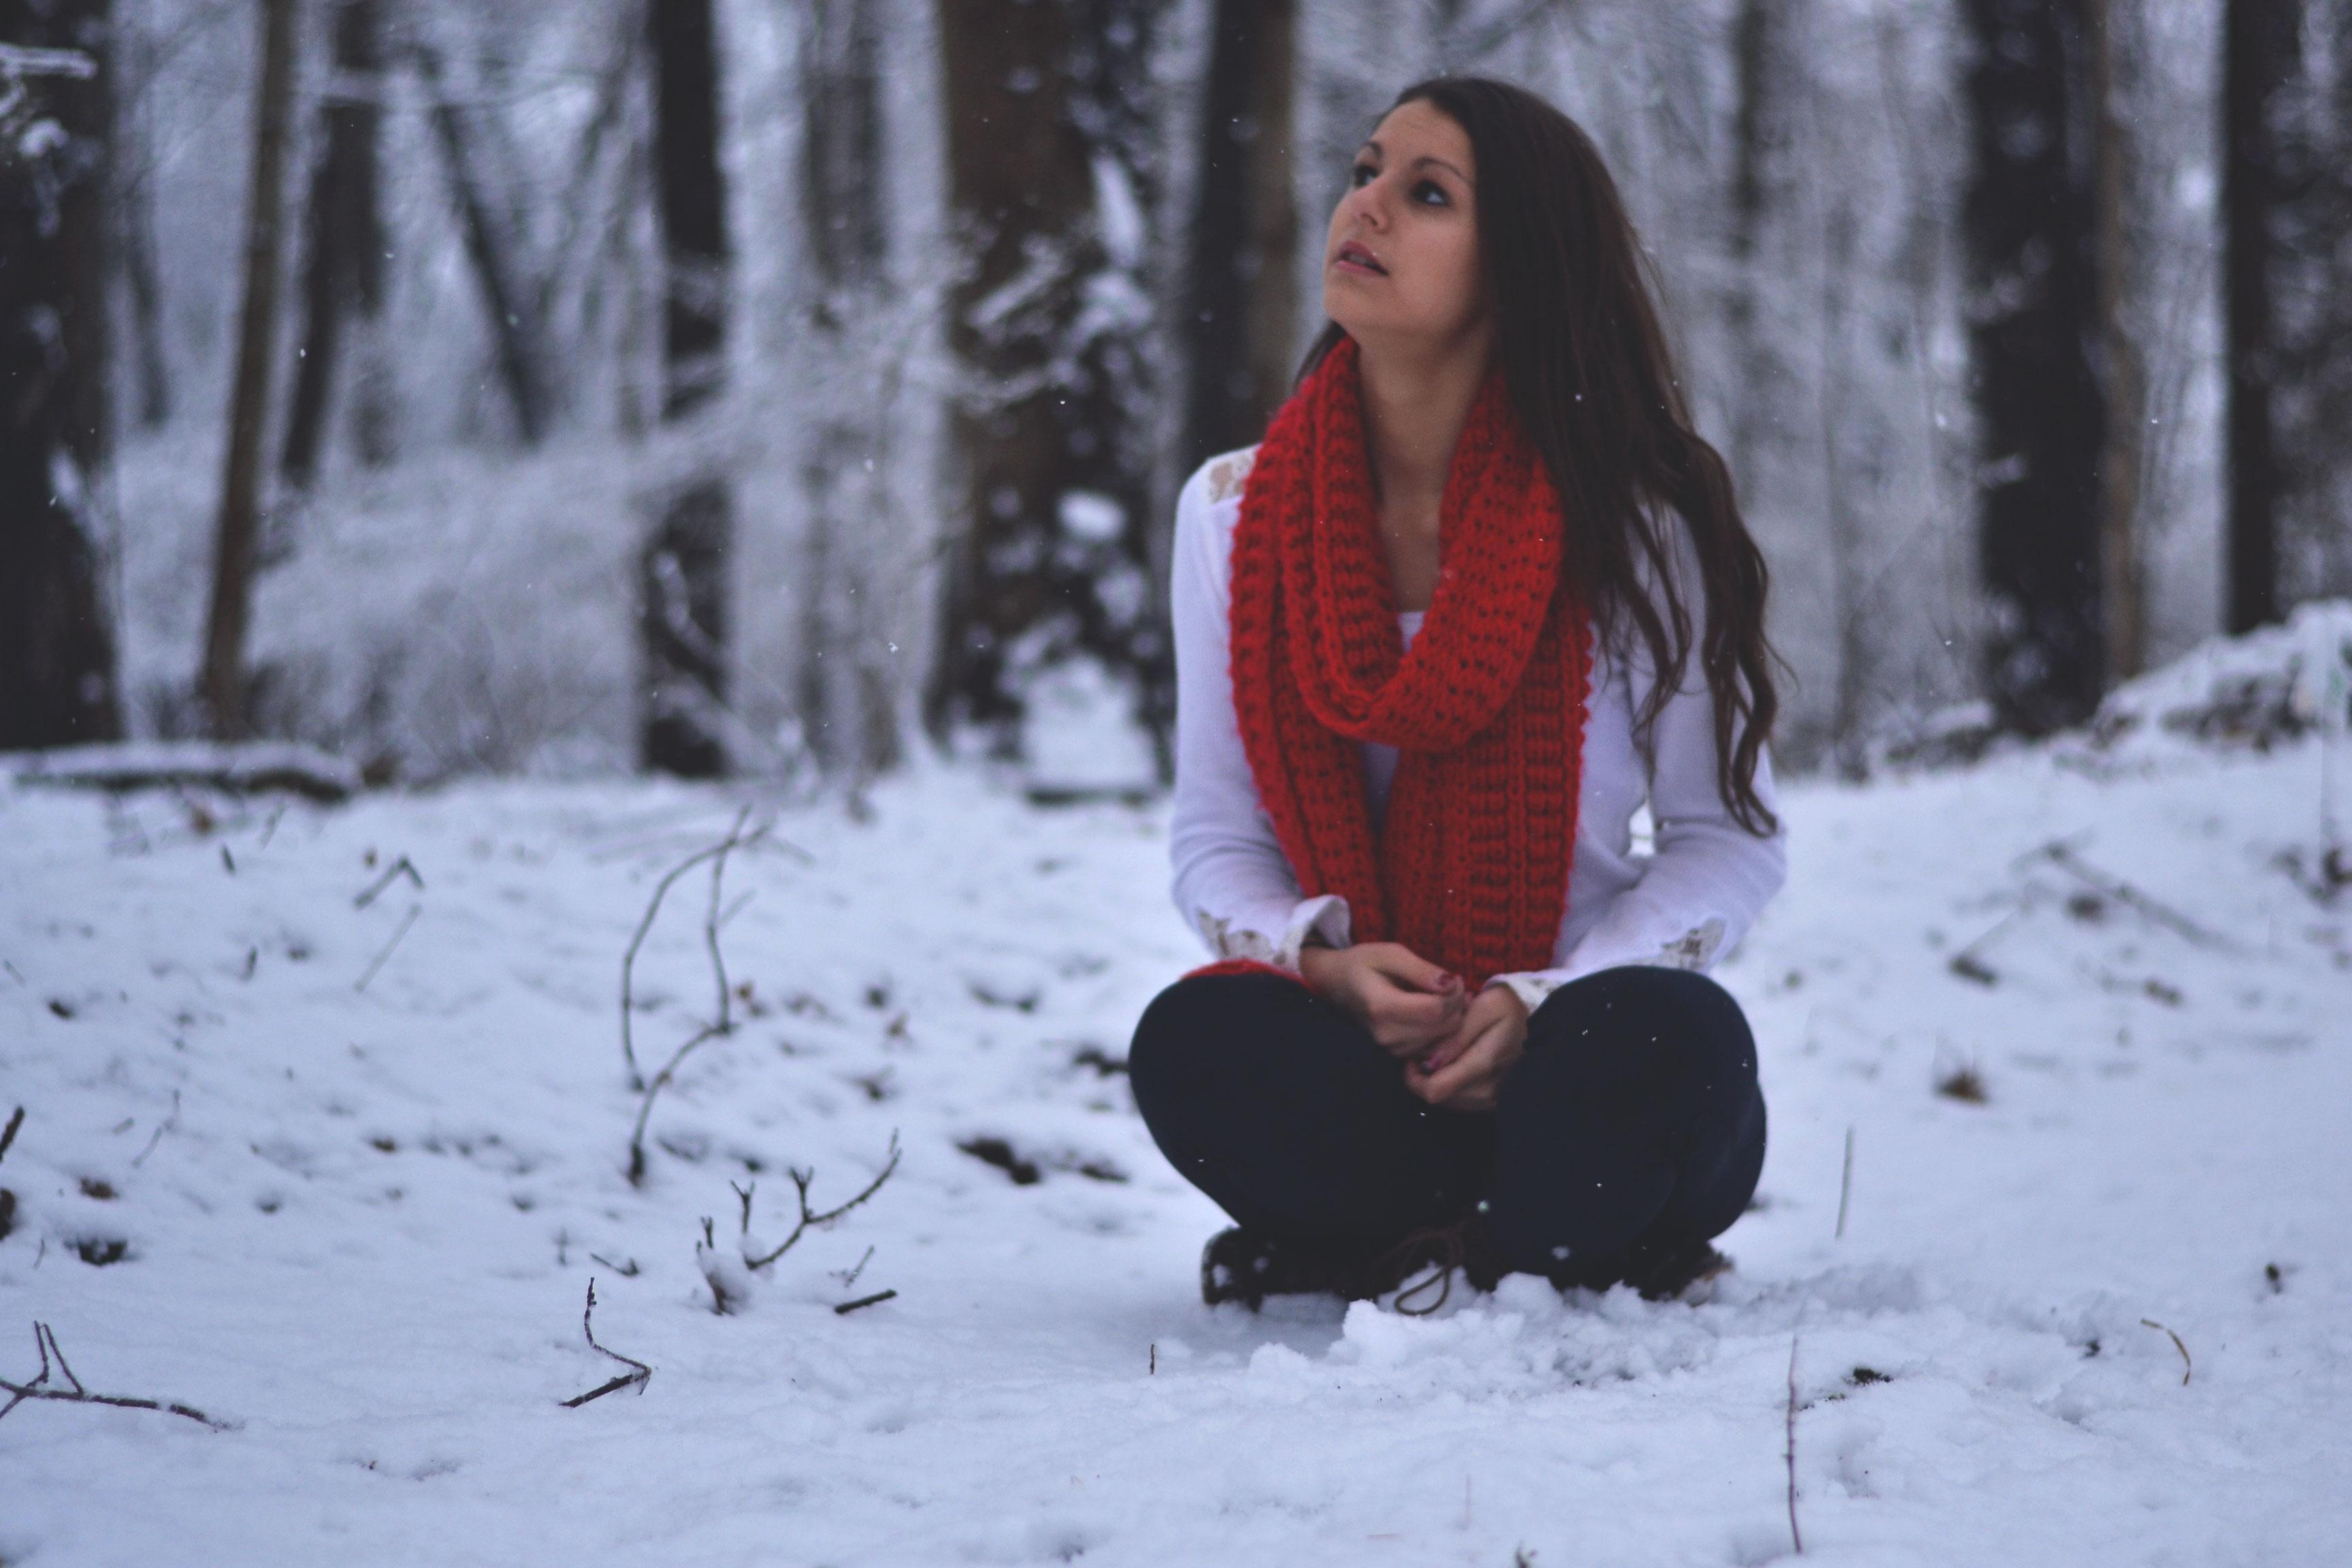 был картинки с красивыми сидящими на снегу приезжайте